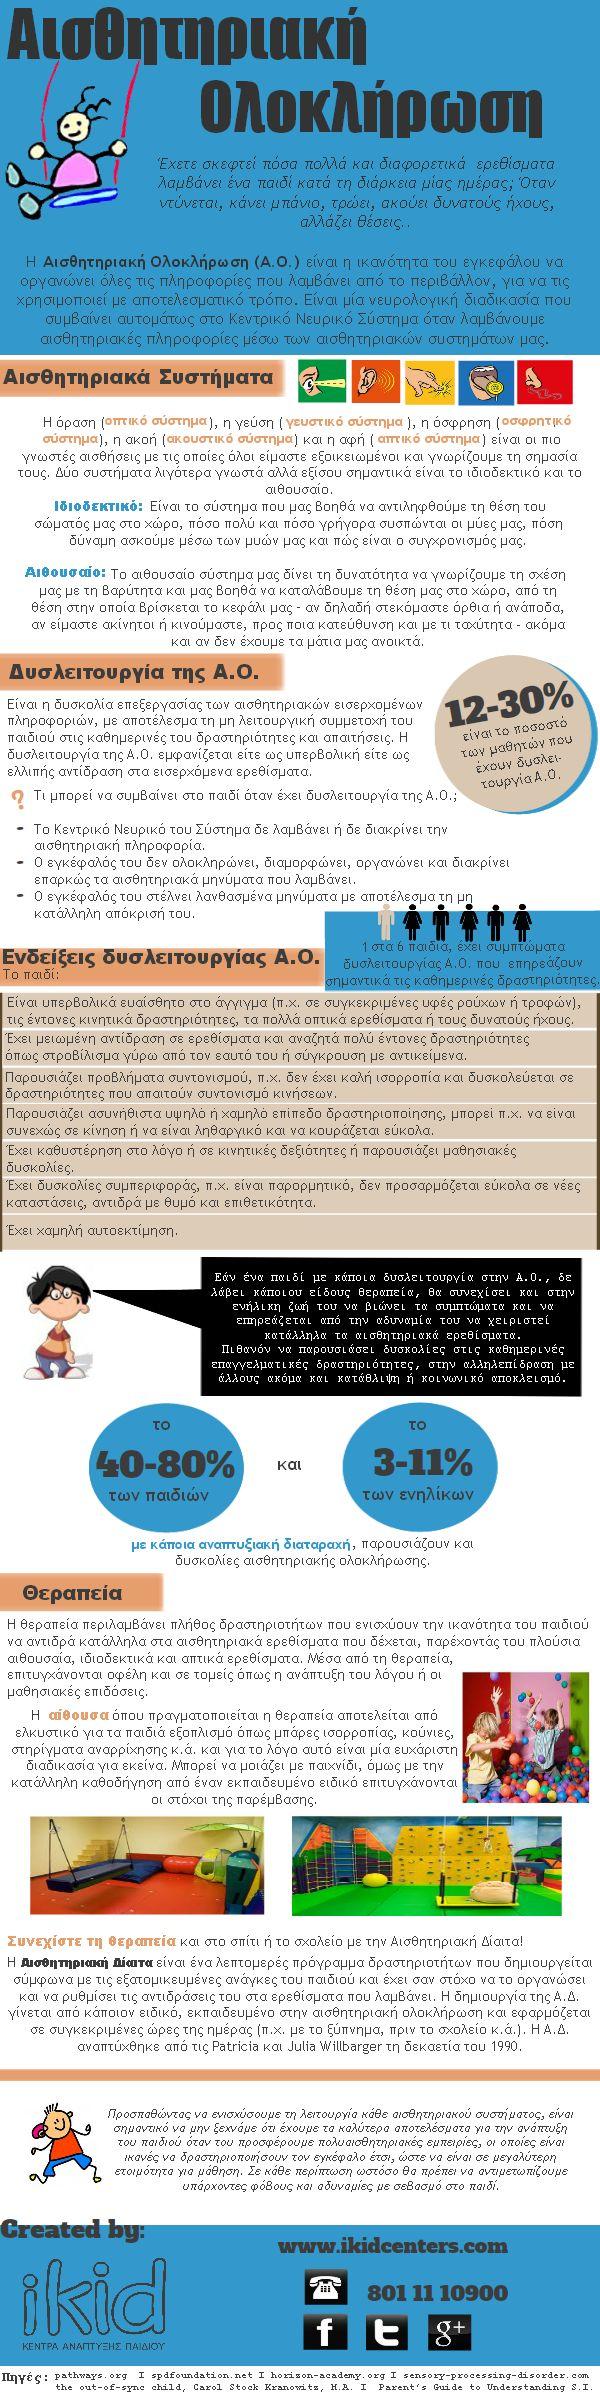 Η Αισθητηριακή Ολοκλήρωση (infographic)ikid | Κέντρα Ειδικής Αγωγής